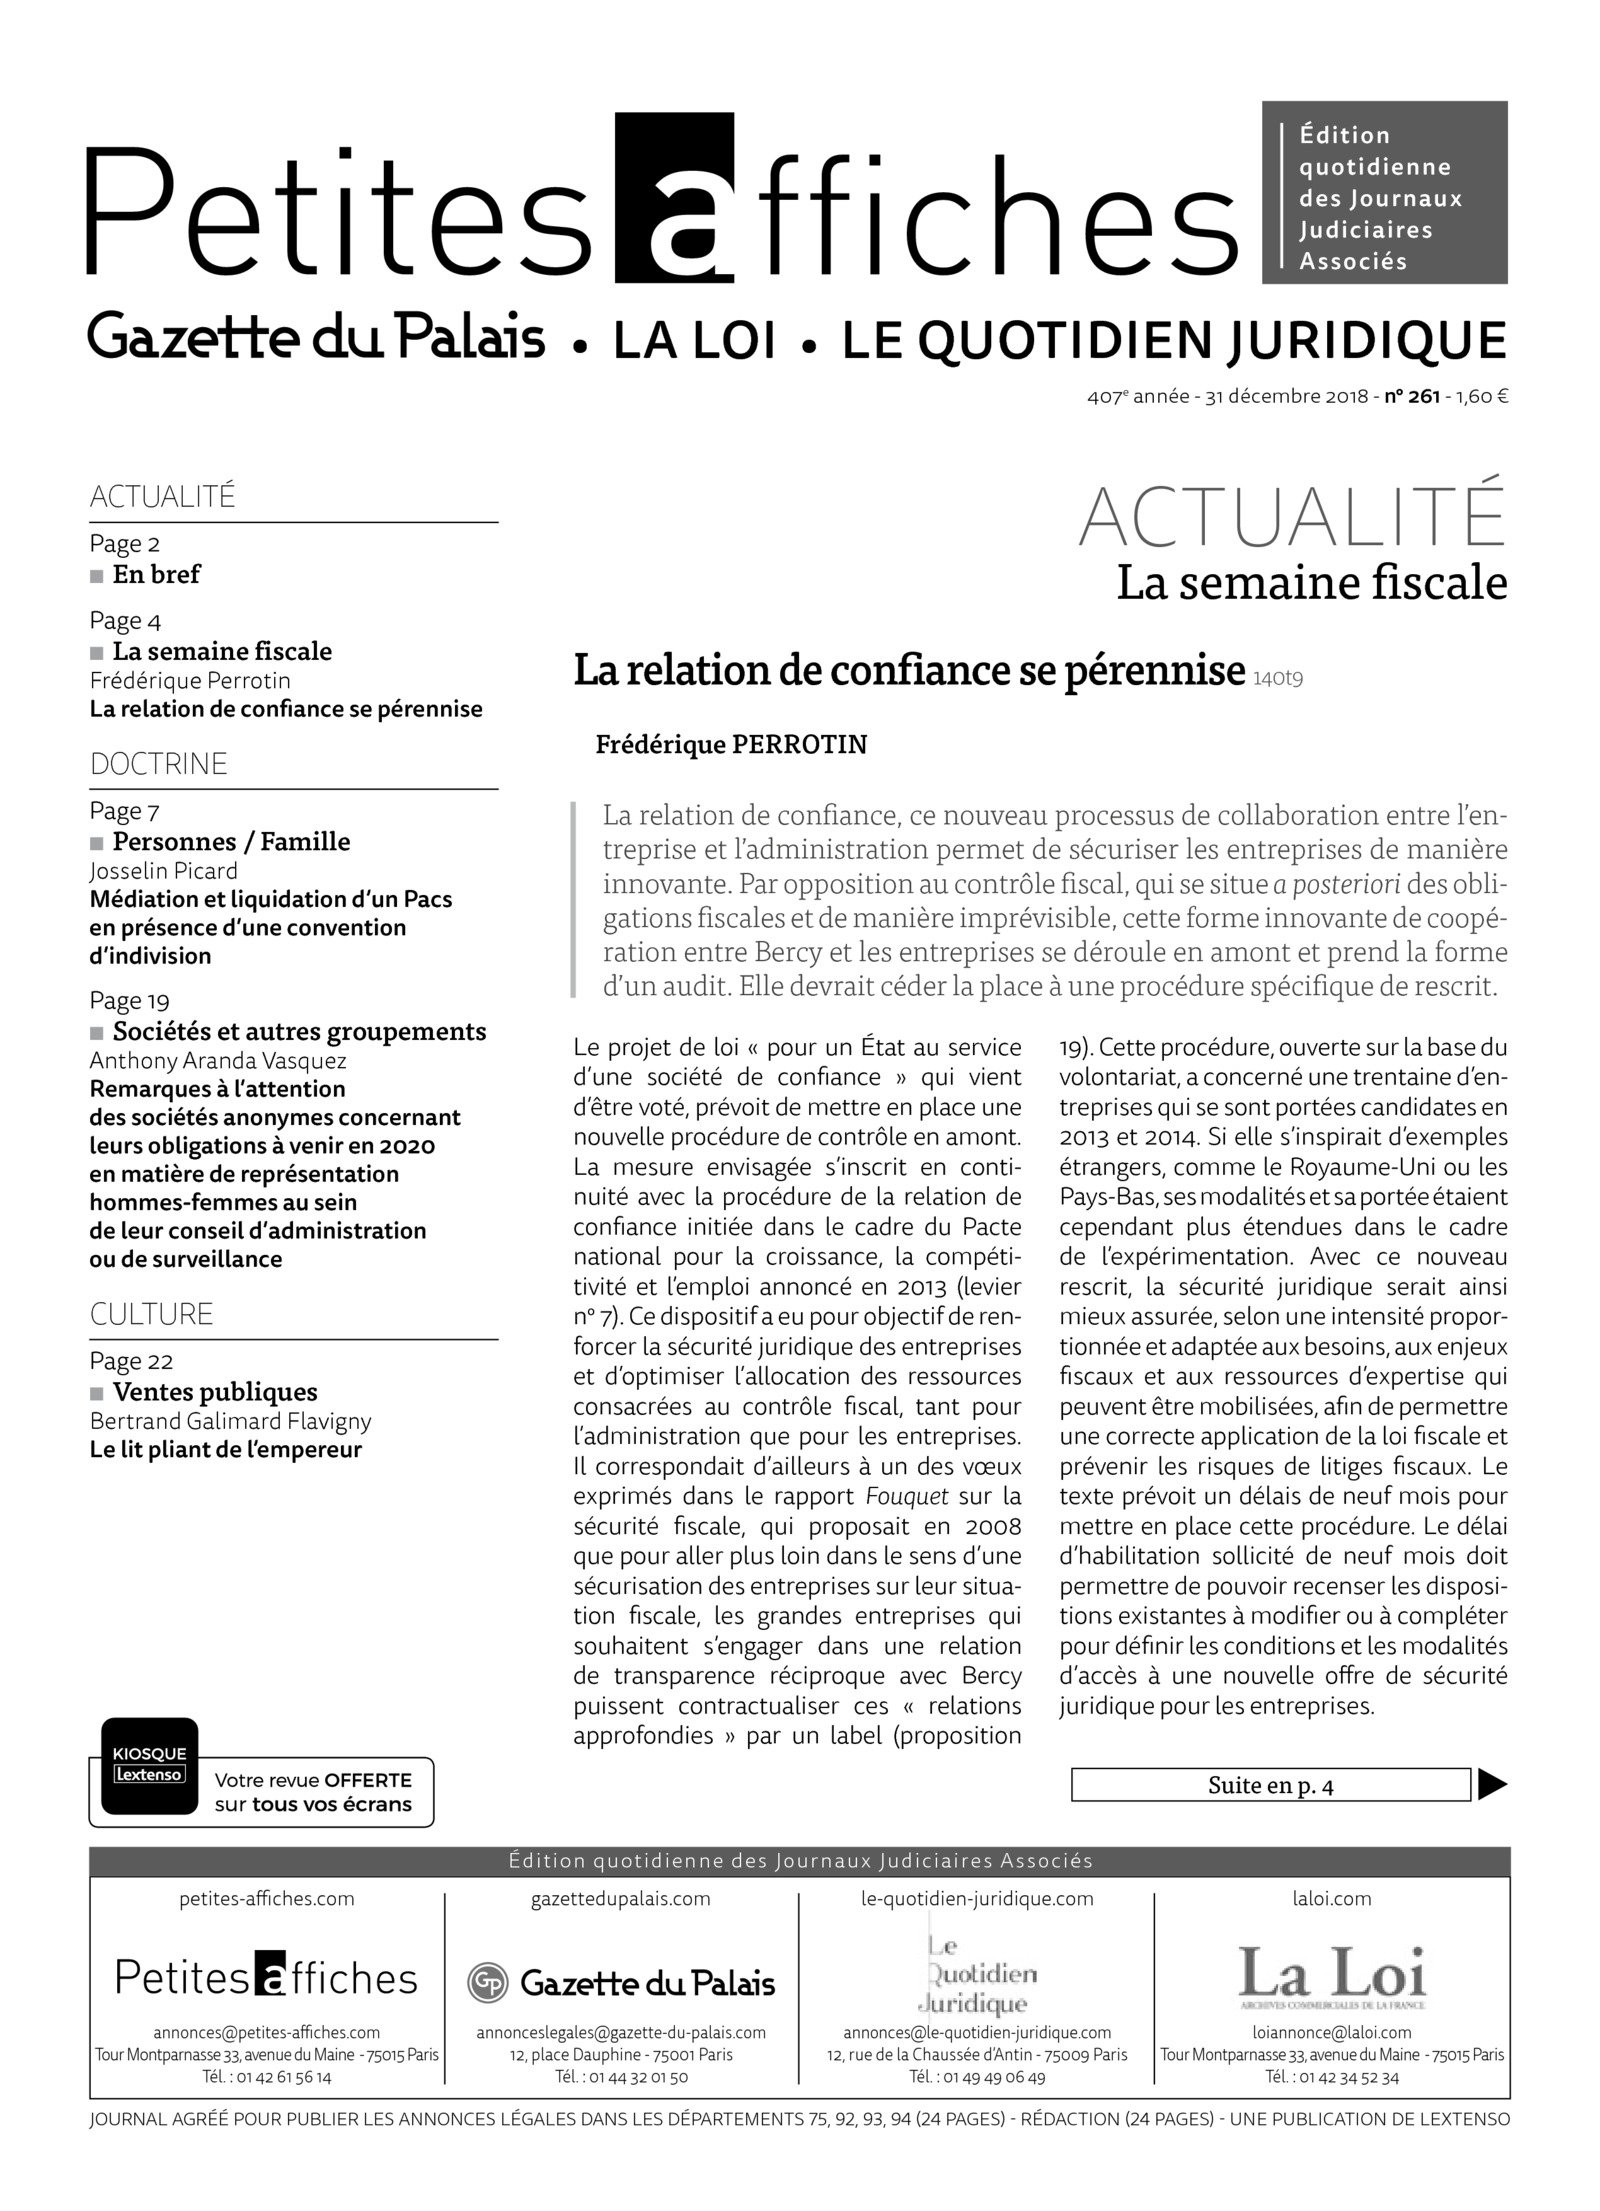 Mediation Et Liquidation D Un Pacs En Presence D Une Convention D Indivision Actu Juridique